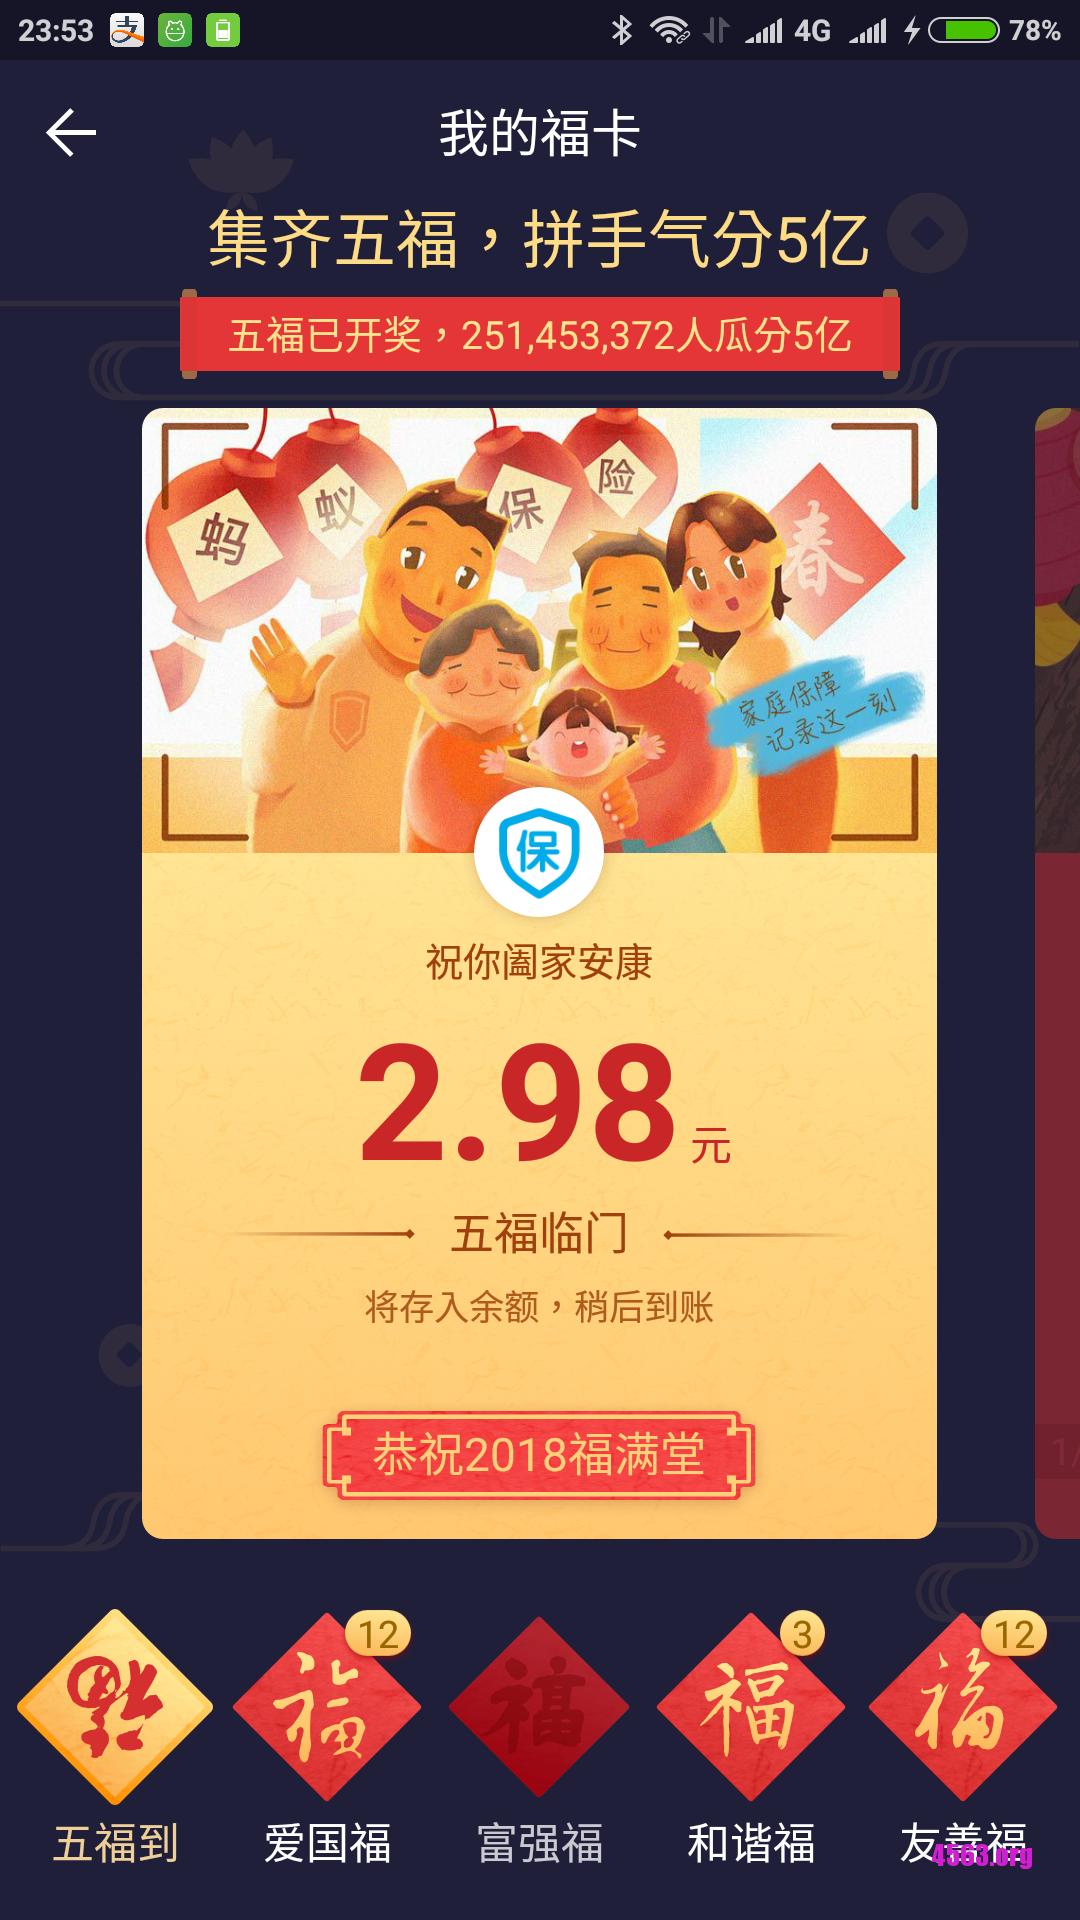 《支付寶集5福開獎 - 2.98元》